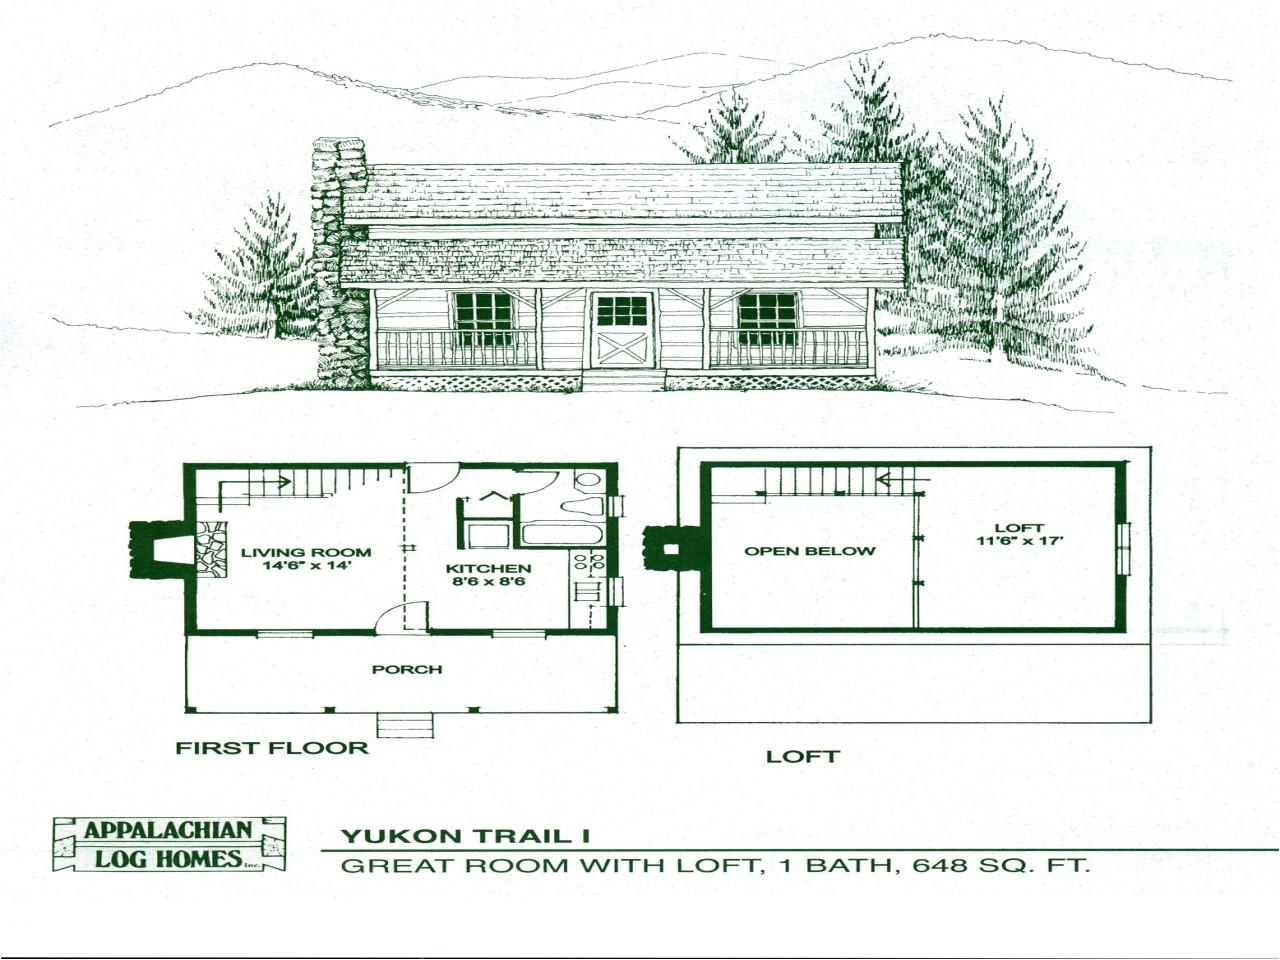 Small Log Homes Floor Plans Small Modular Homes Floor Plans Small Cabin Floor Plans